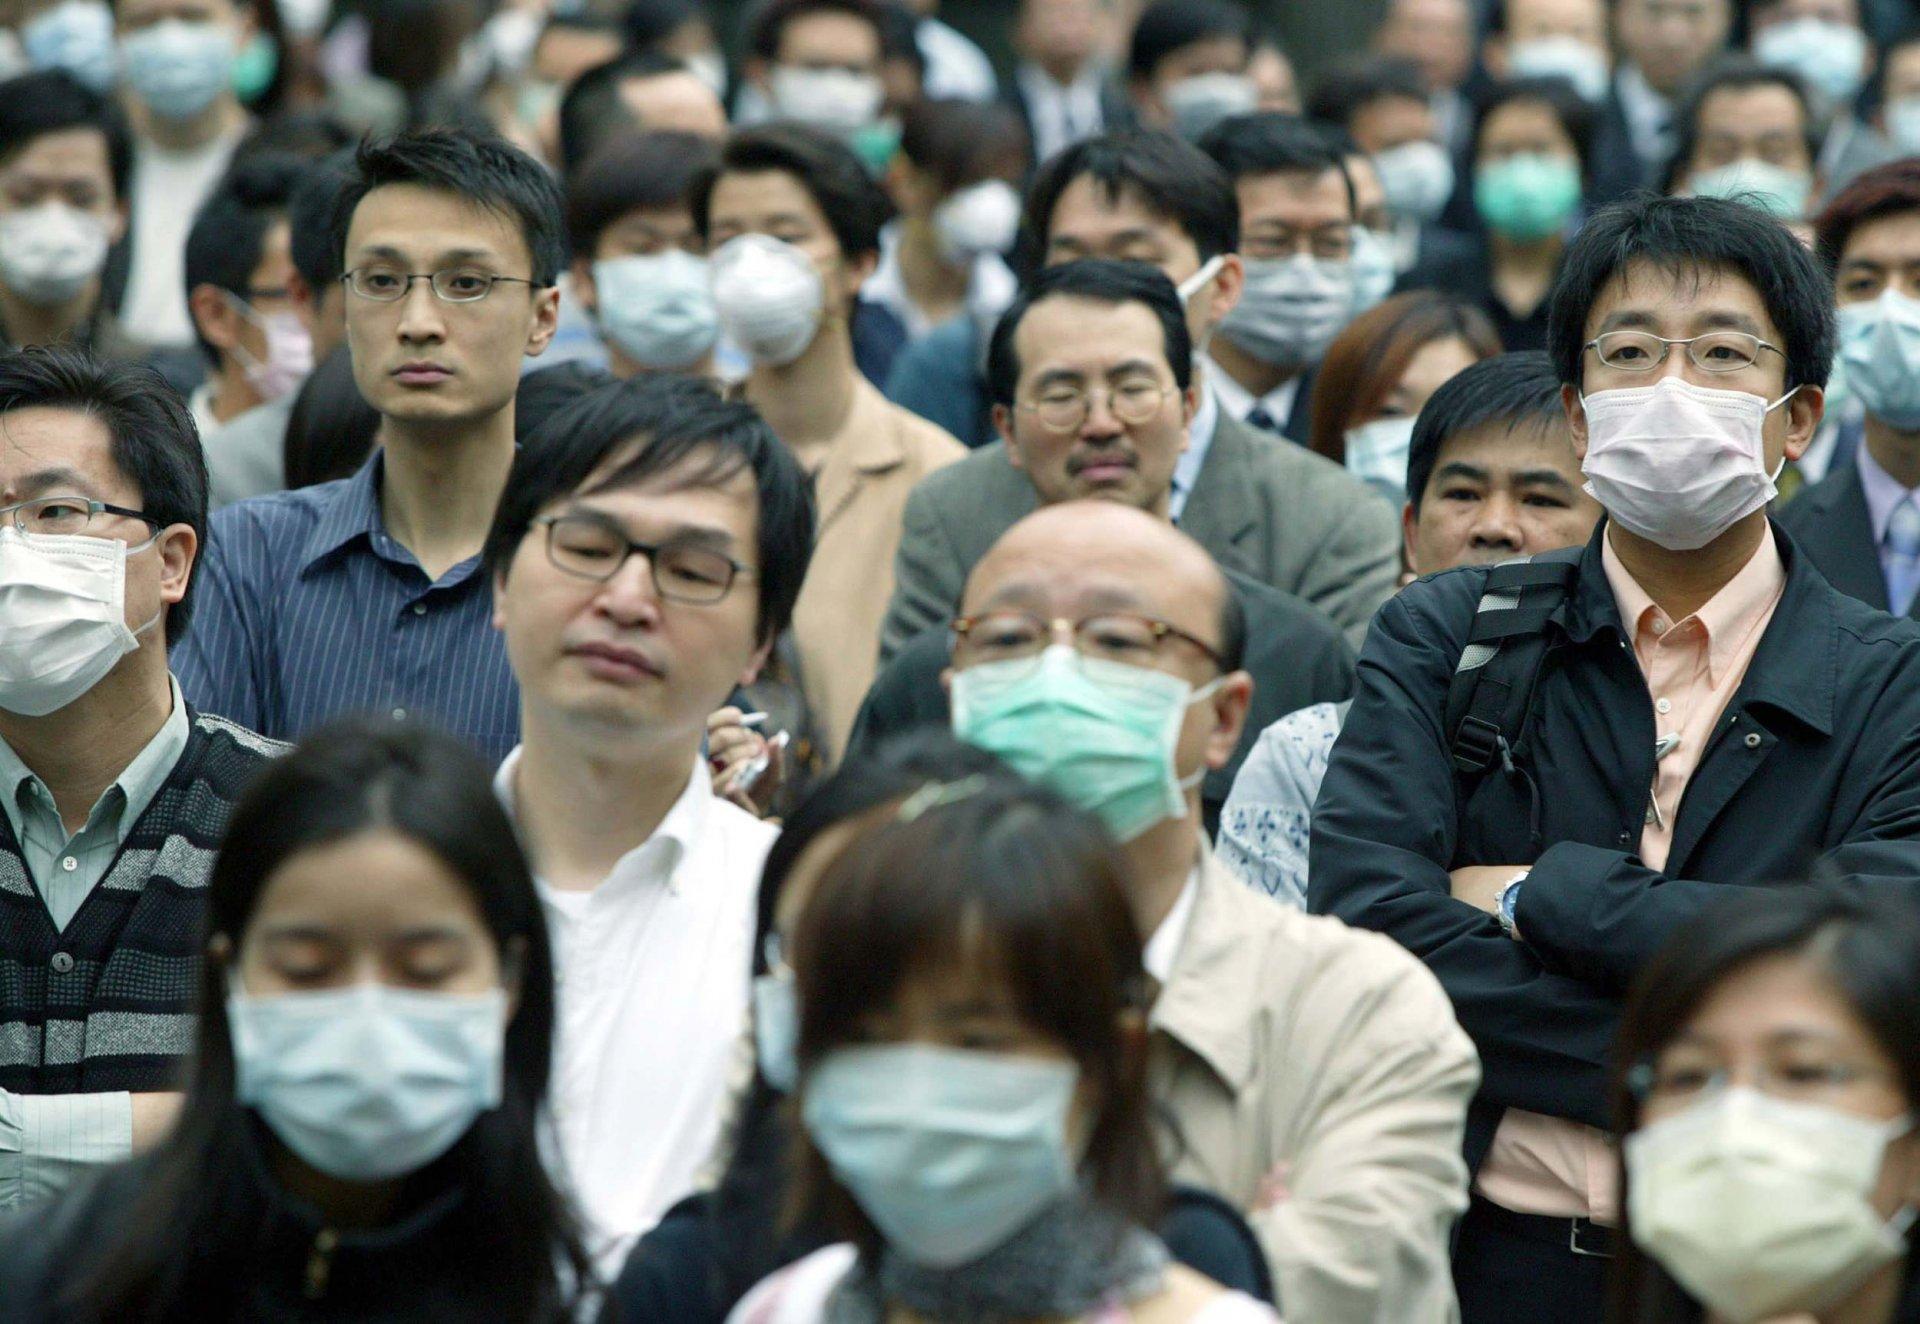 Хятад улсад дэгдсэн халдварт өвчний үүсгэгч вирусыг титэм вирус болохыг тогтоожээ